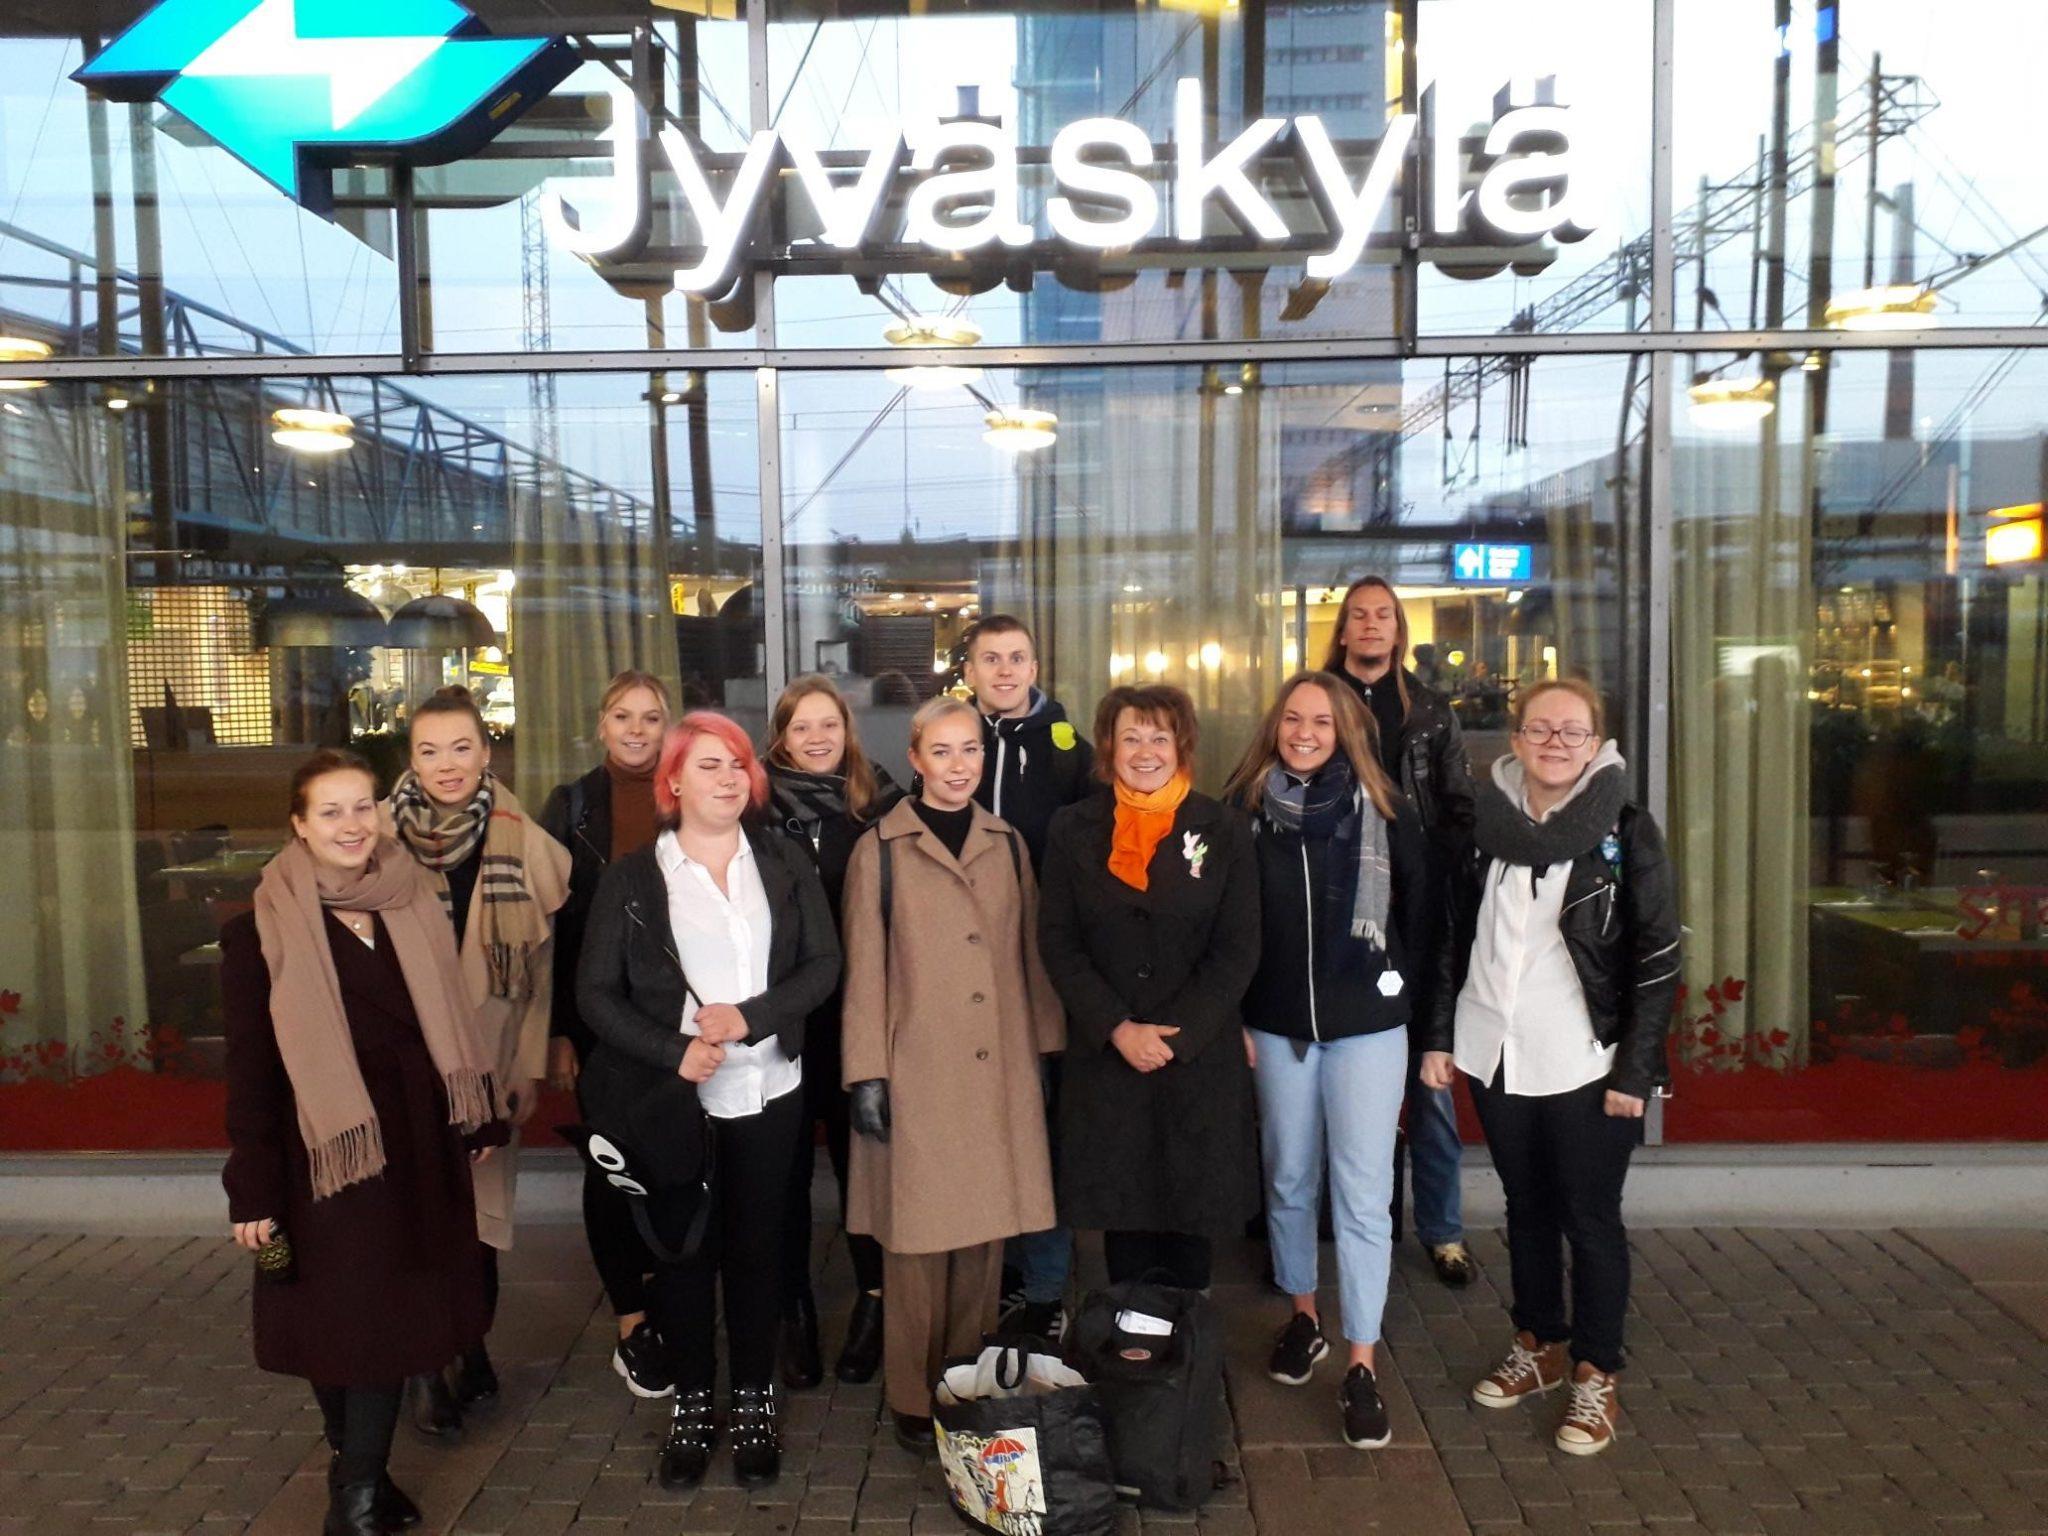 Jyväskylän opiskelijat matkalla jättämään vanupo-esityksen OKM:ään.